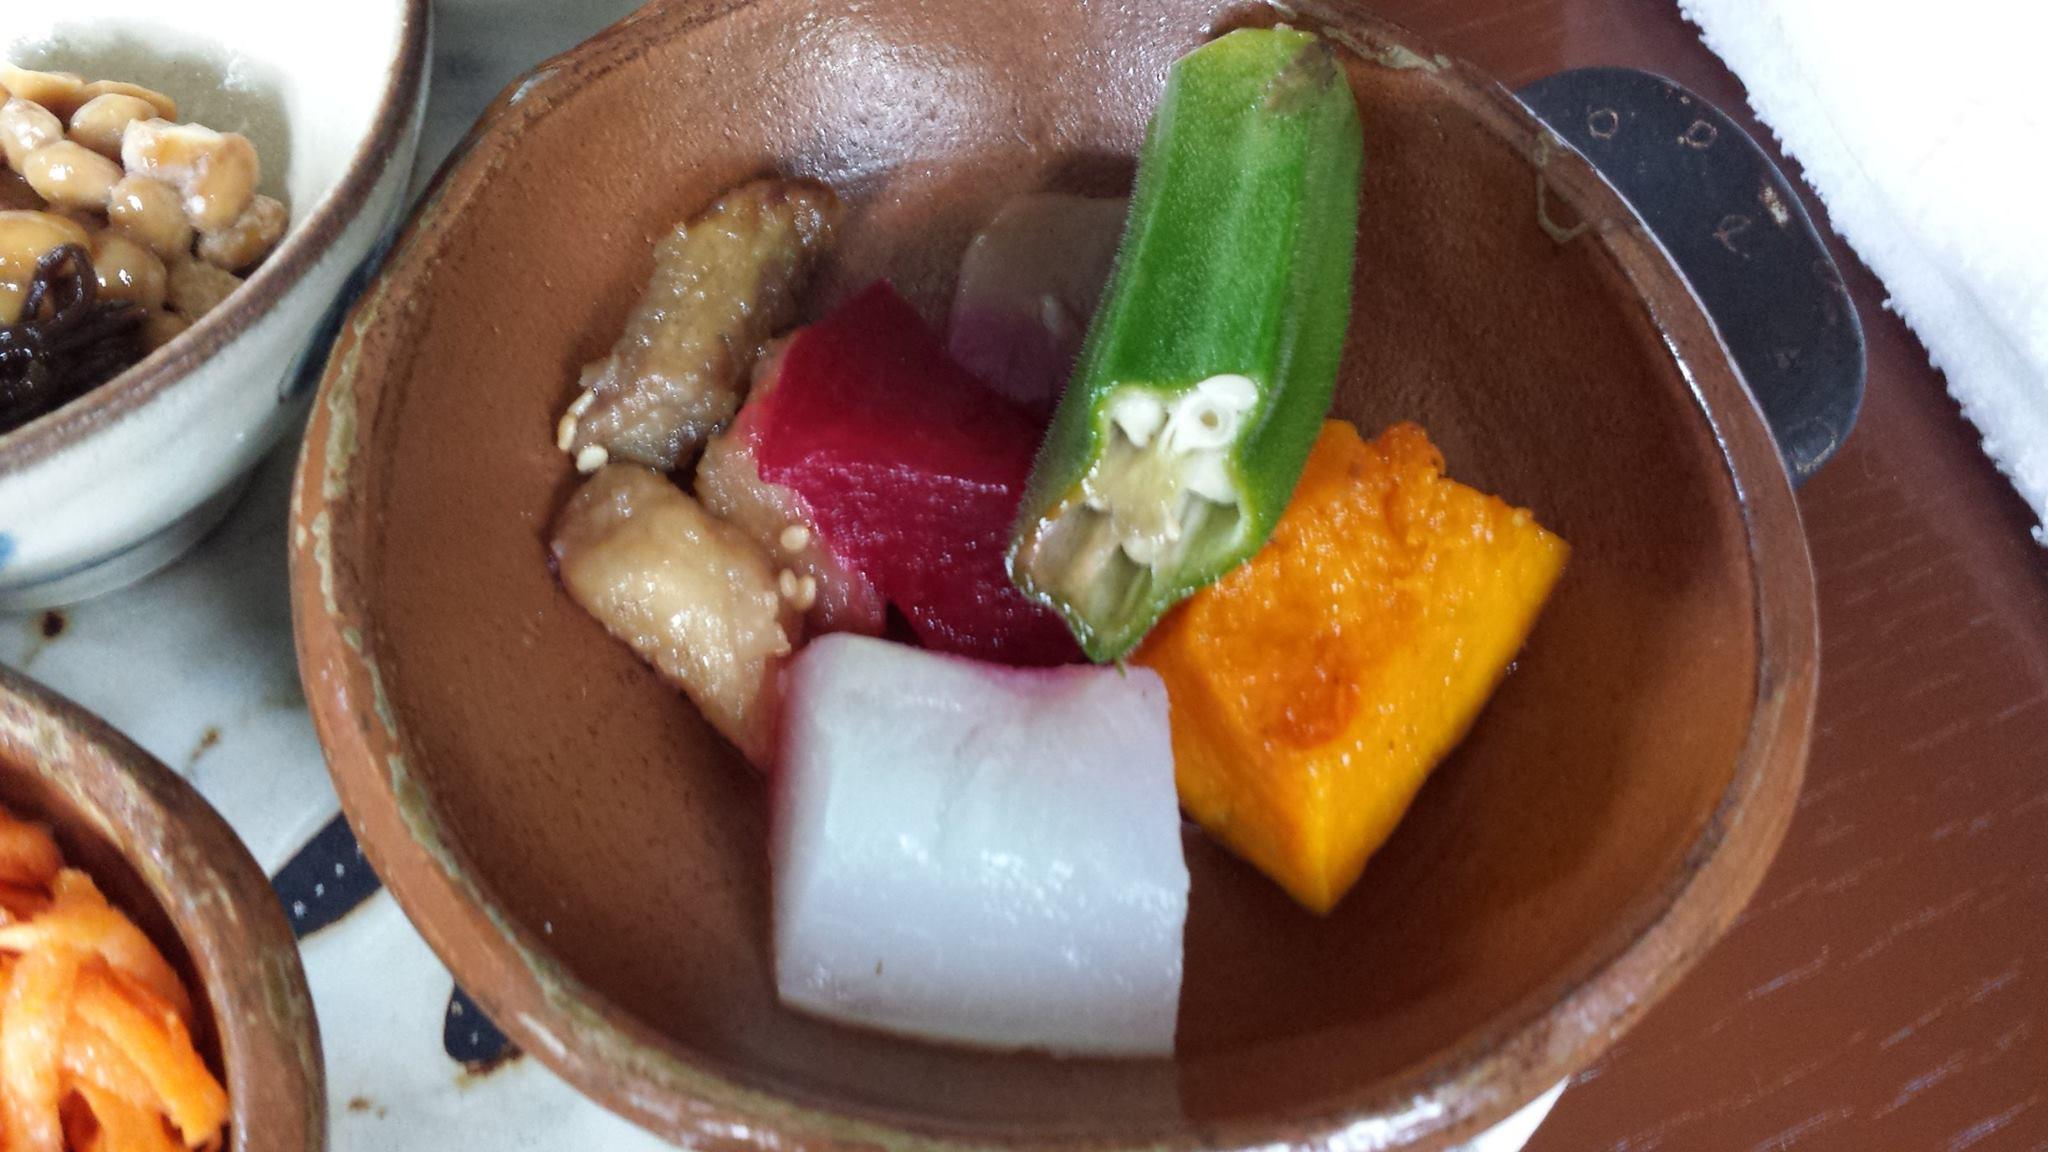 佐藤初女さん直伝のおむすびが食べられる沖縄の「めぇみち」_f0186787_182174.jpg